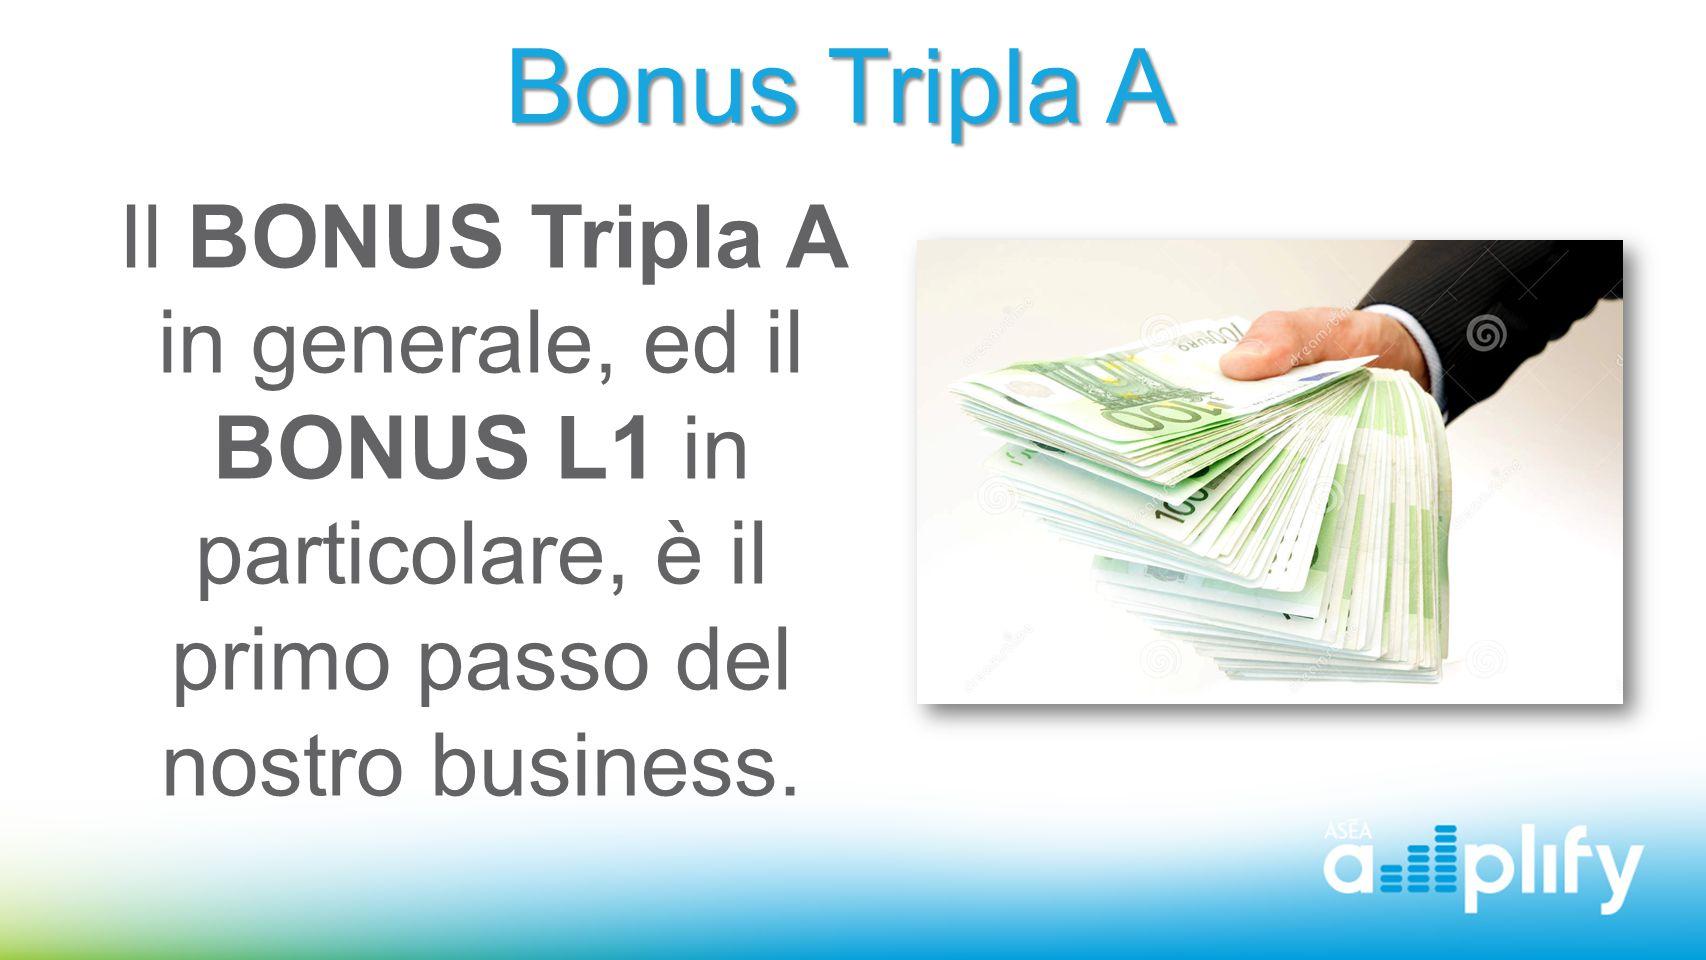 Bonus Tripla A Il BONUS Tripla A in generale, ed il BONUS L1 in particolare, è il primo passo del nostro business.